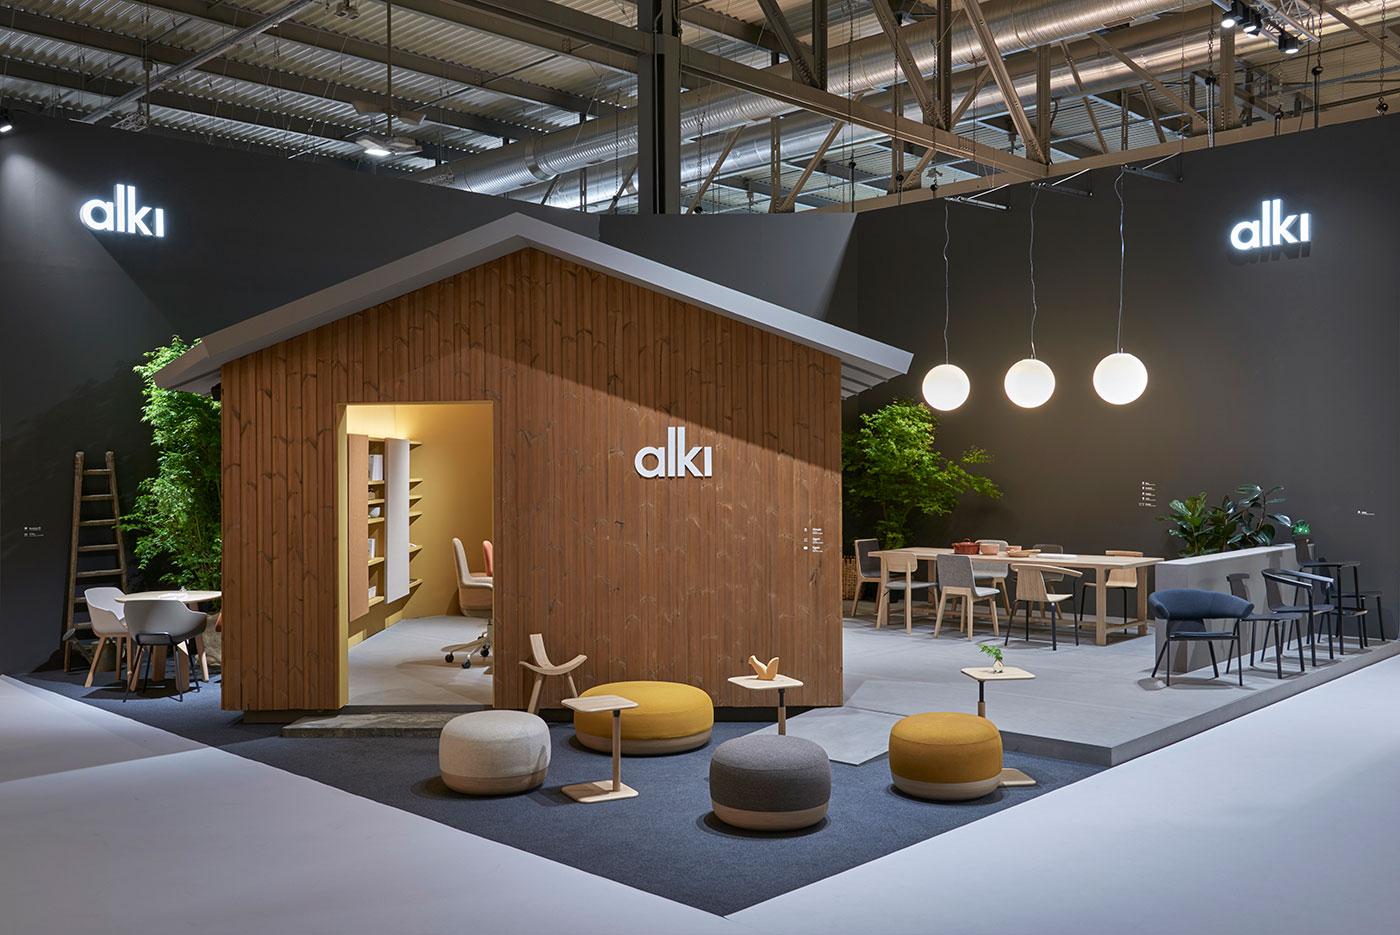 Stand design for Alki during the Milan Furniture Fair, by Iratzoki & Lizaso